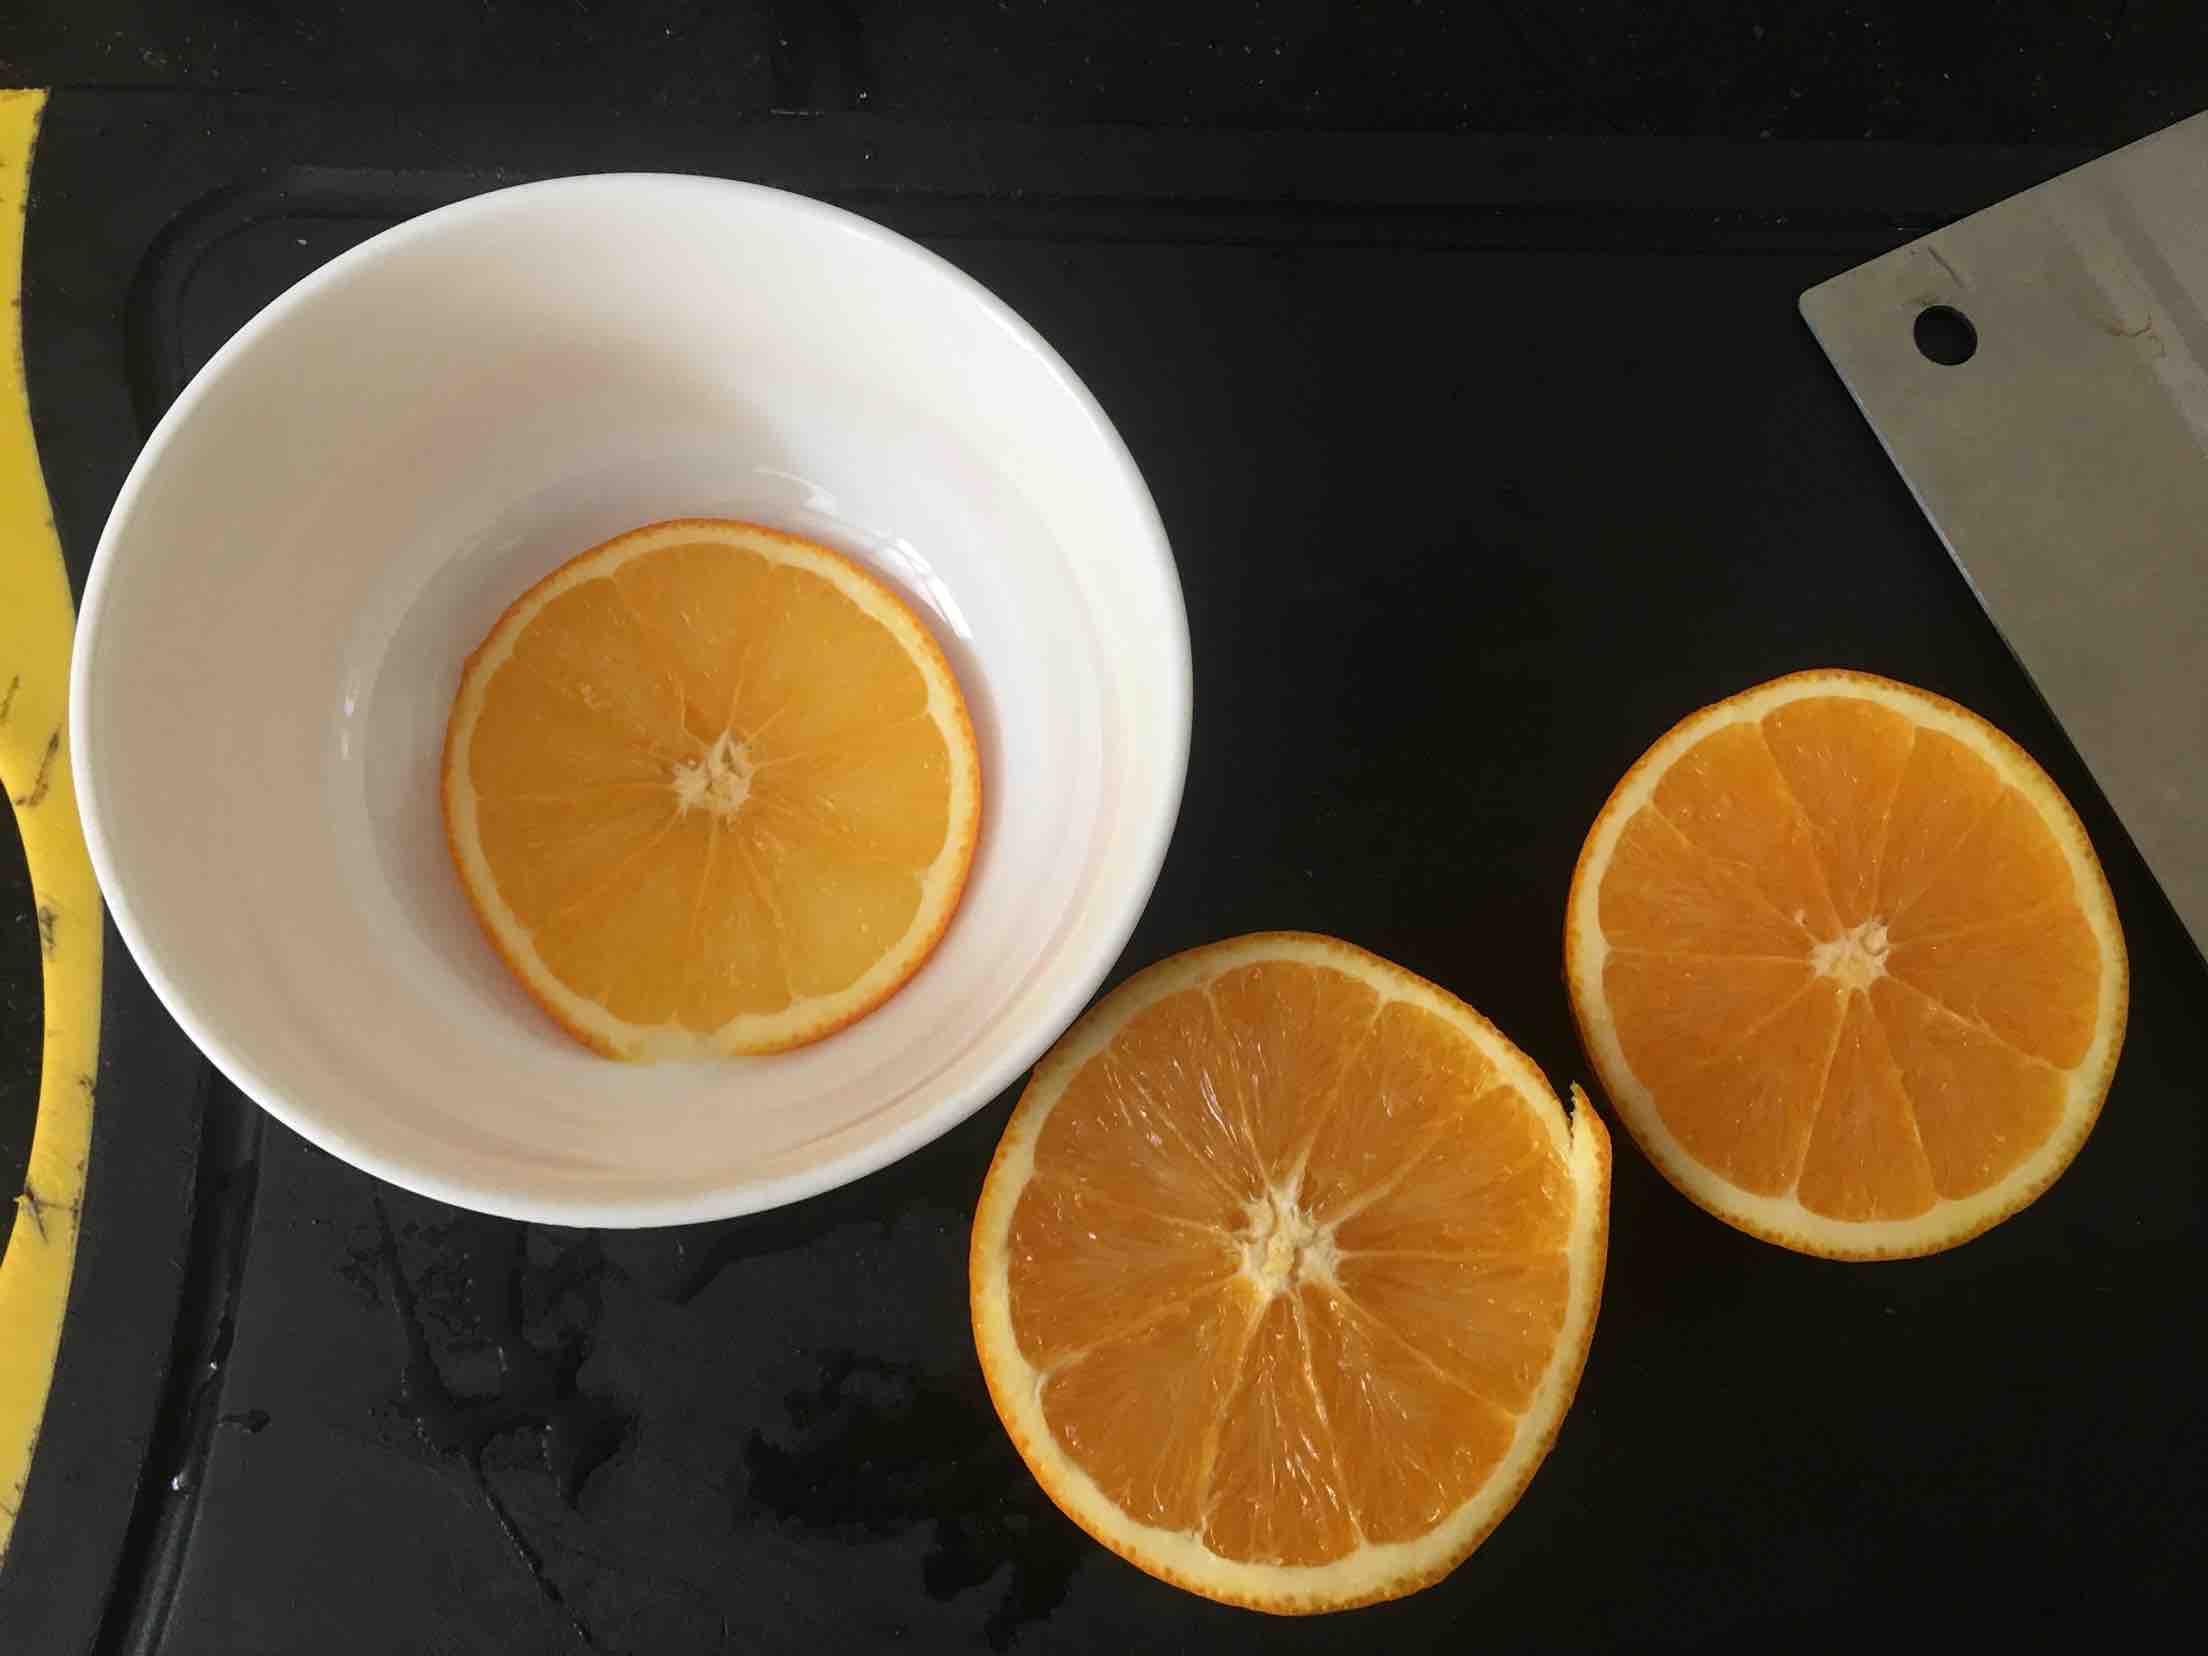 橙汁蒸蛋糕的做法大全